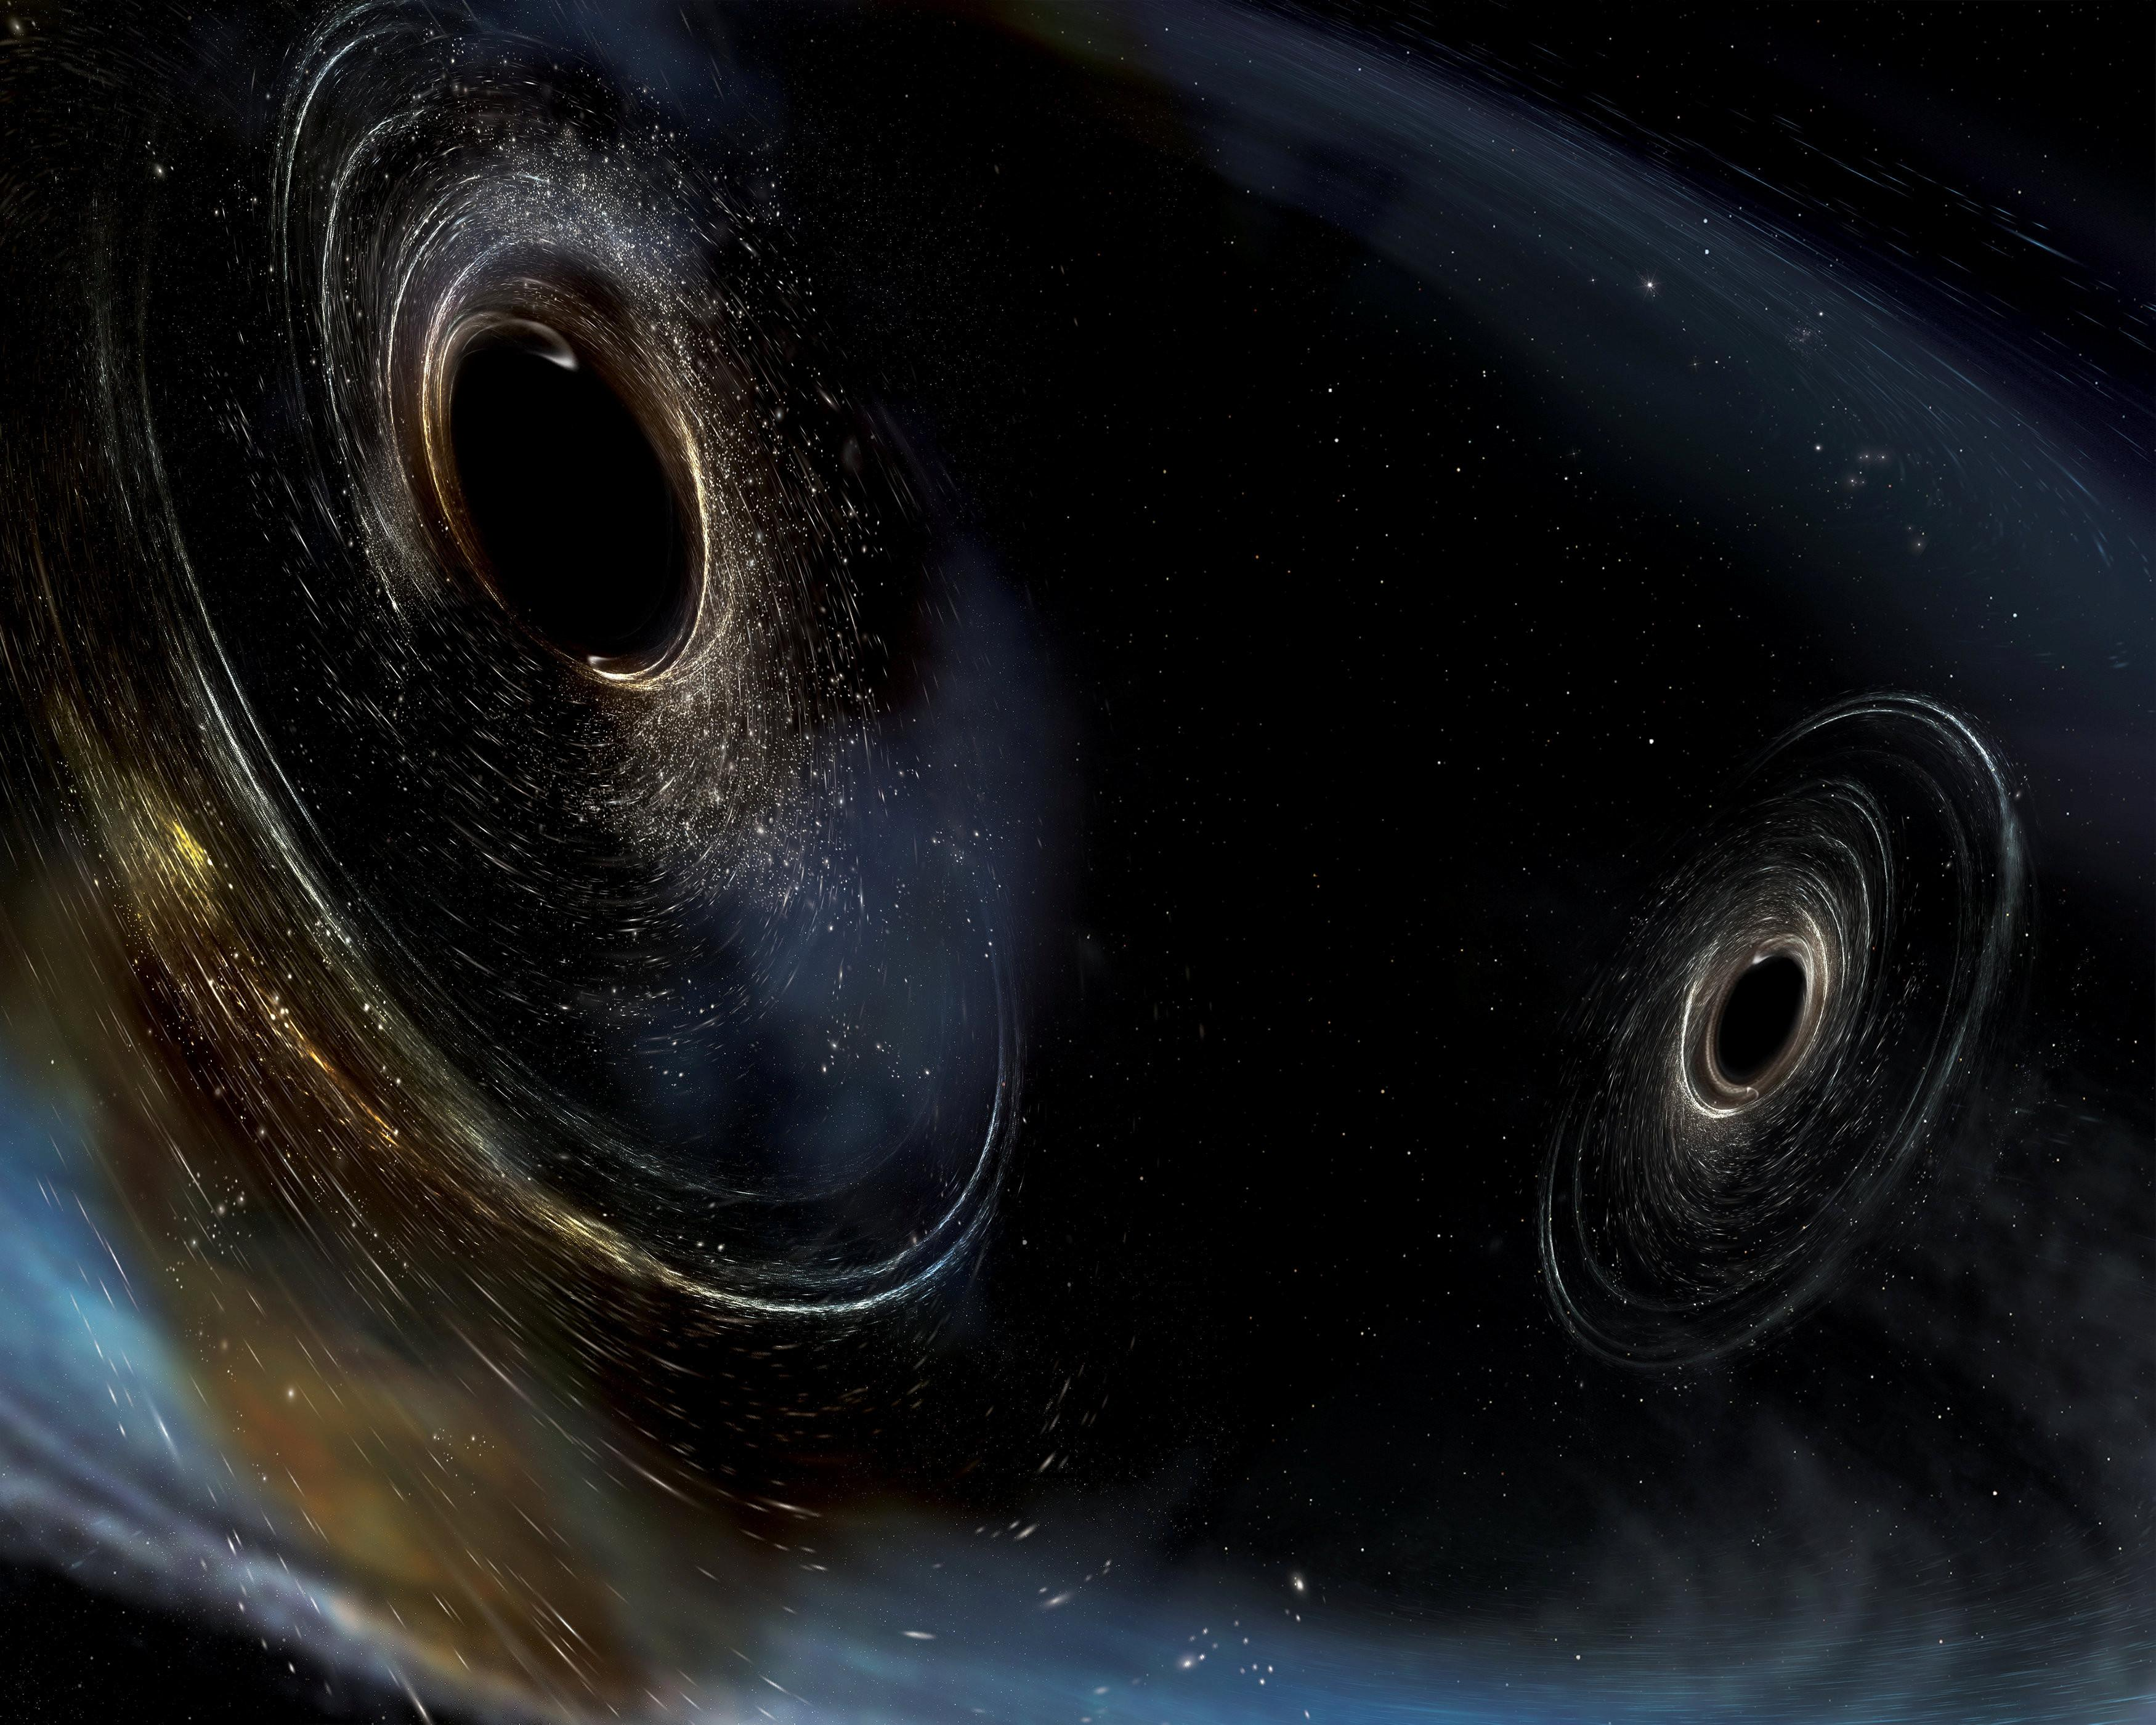 黑洞中心到底是什么,又会通往何方?科学家认